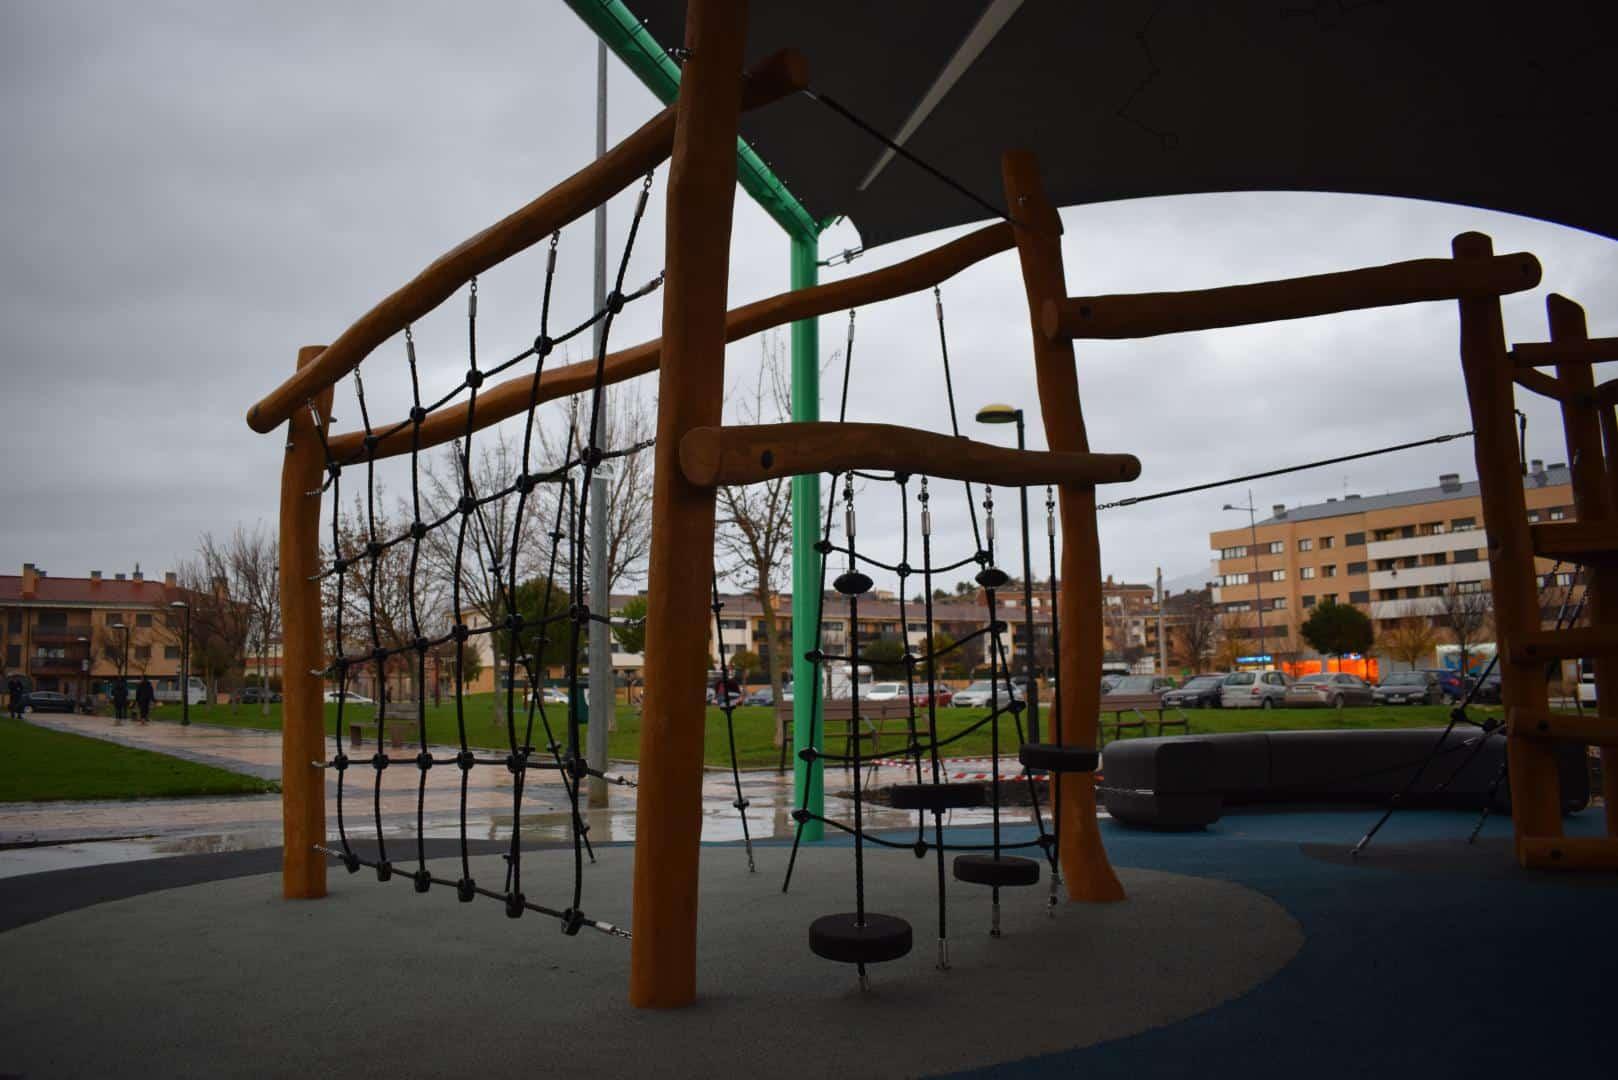 El Mazo ya disfruta de su nuevo parque infantil cubierto 3